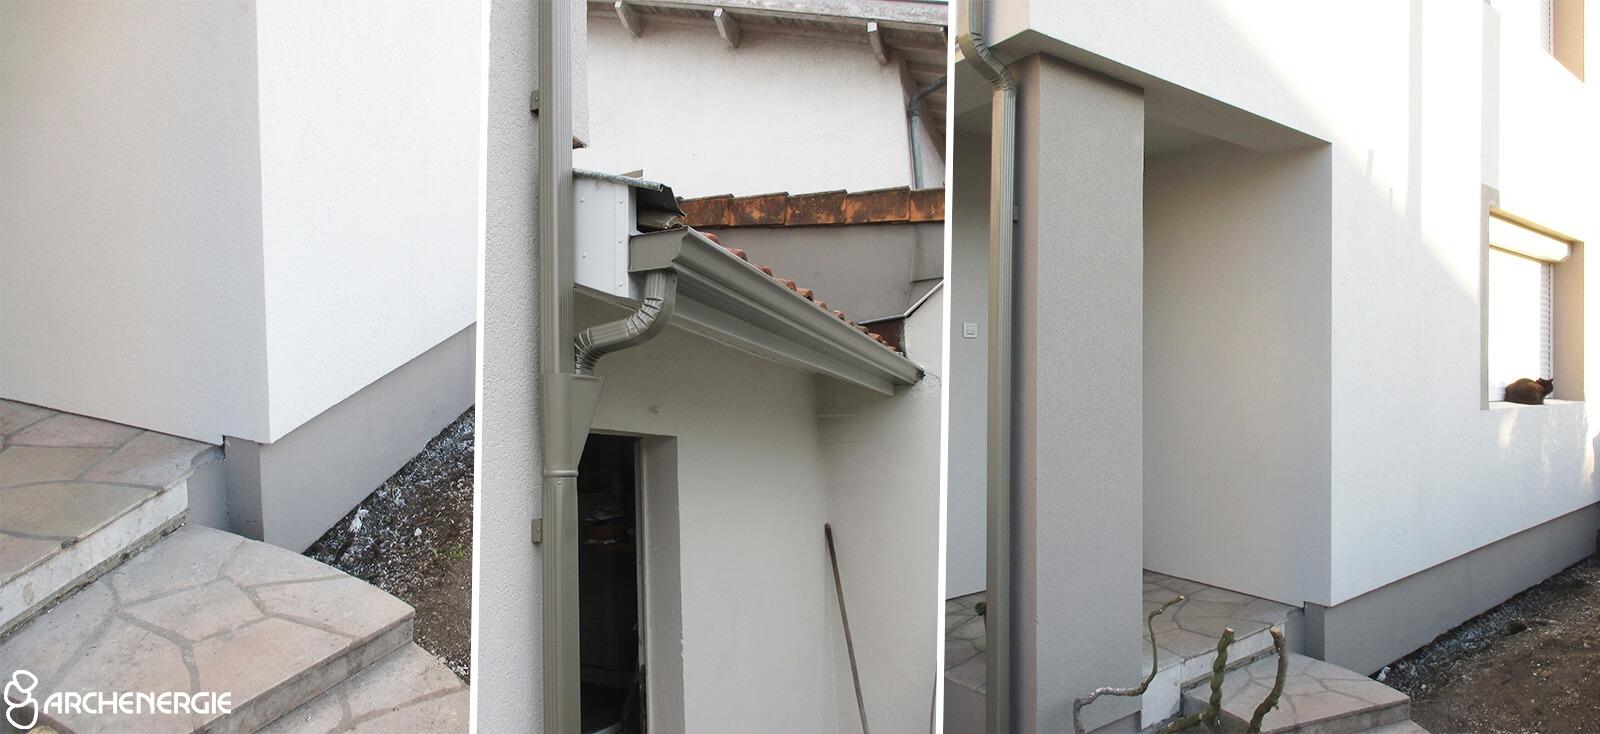 Isolation extérieure Bruges (ITE) - Archenergie